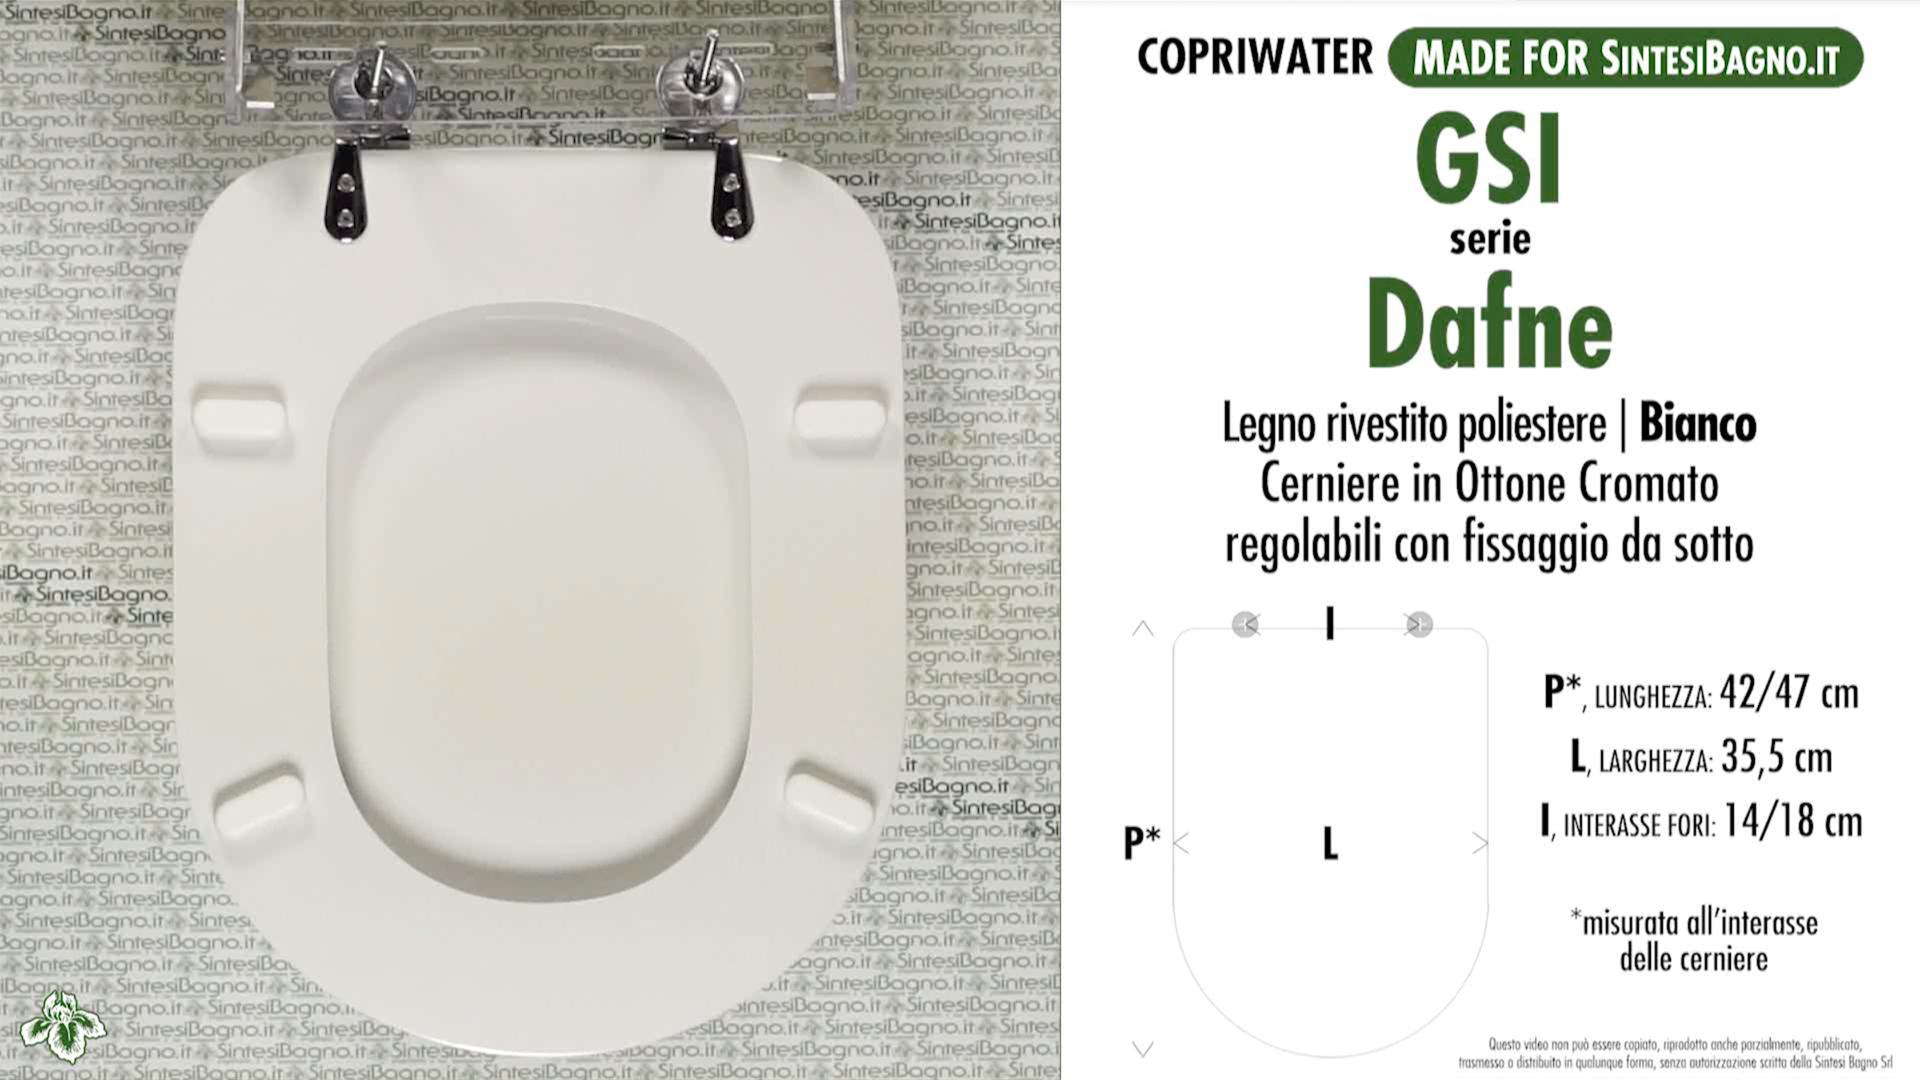 SCHEDA TECNICA MISURE copriwater FACIS/GSI DAFNE